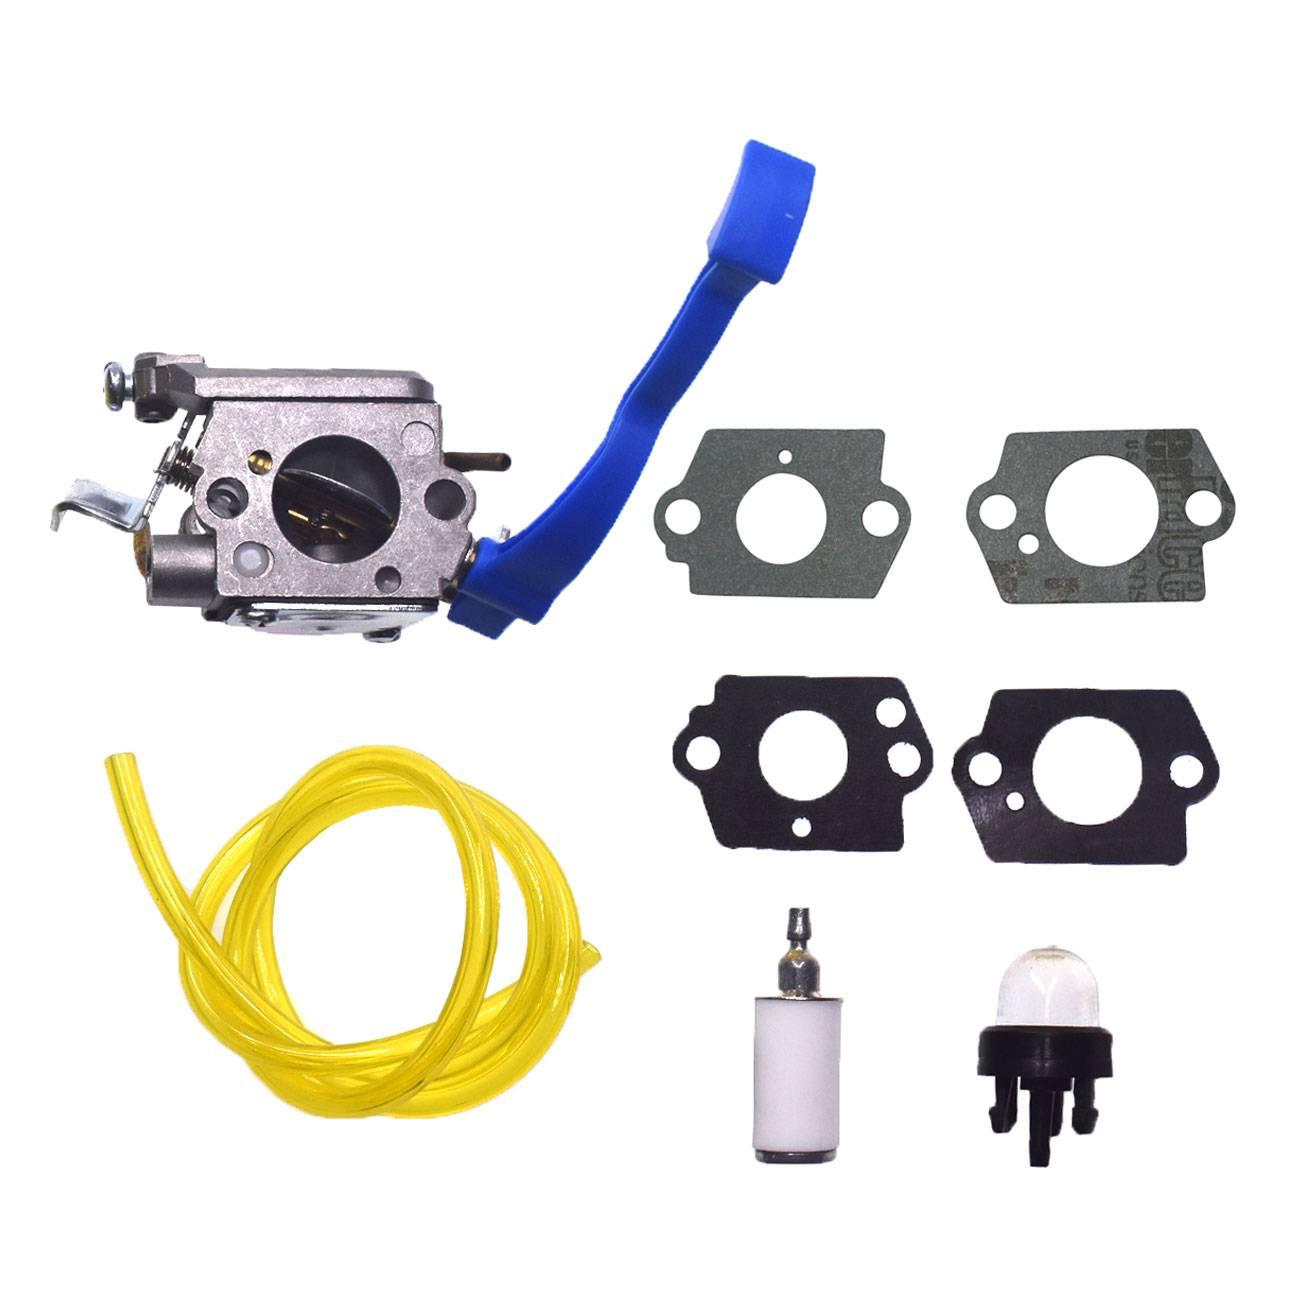 Carburetor Oil Filter Fuel Line For Husqvarna 125B 125BX 125BVX Blower